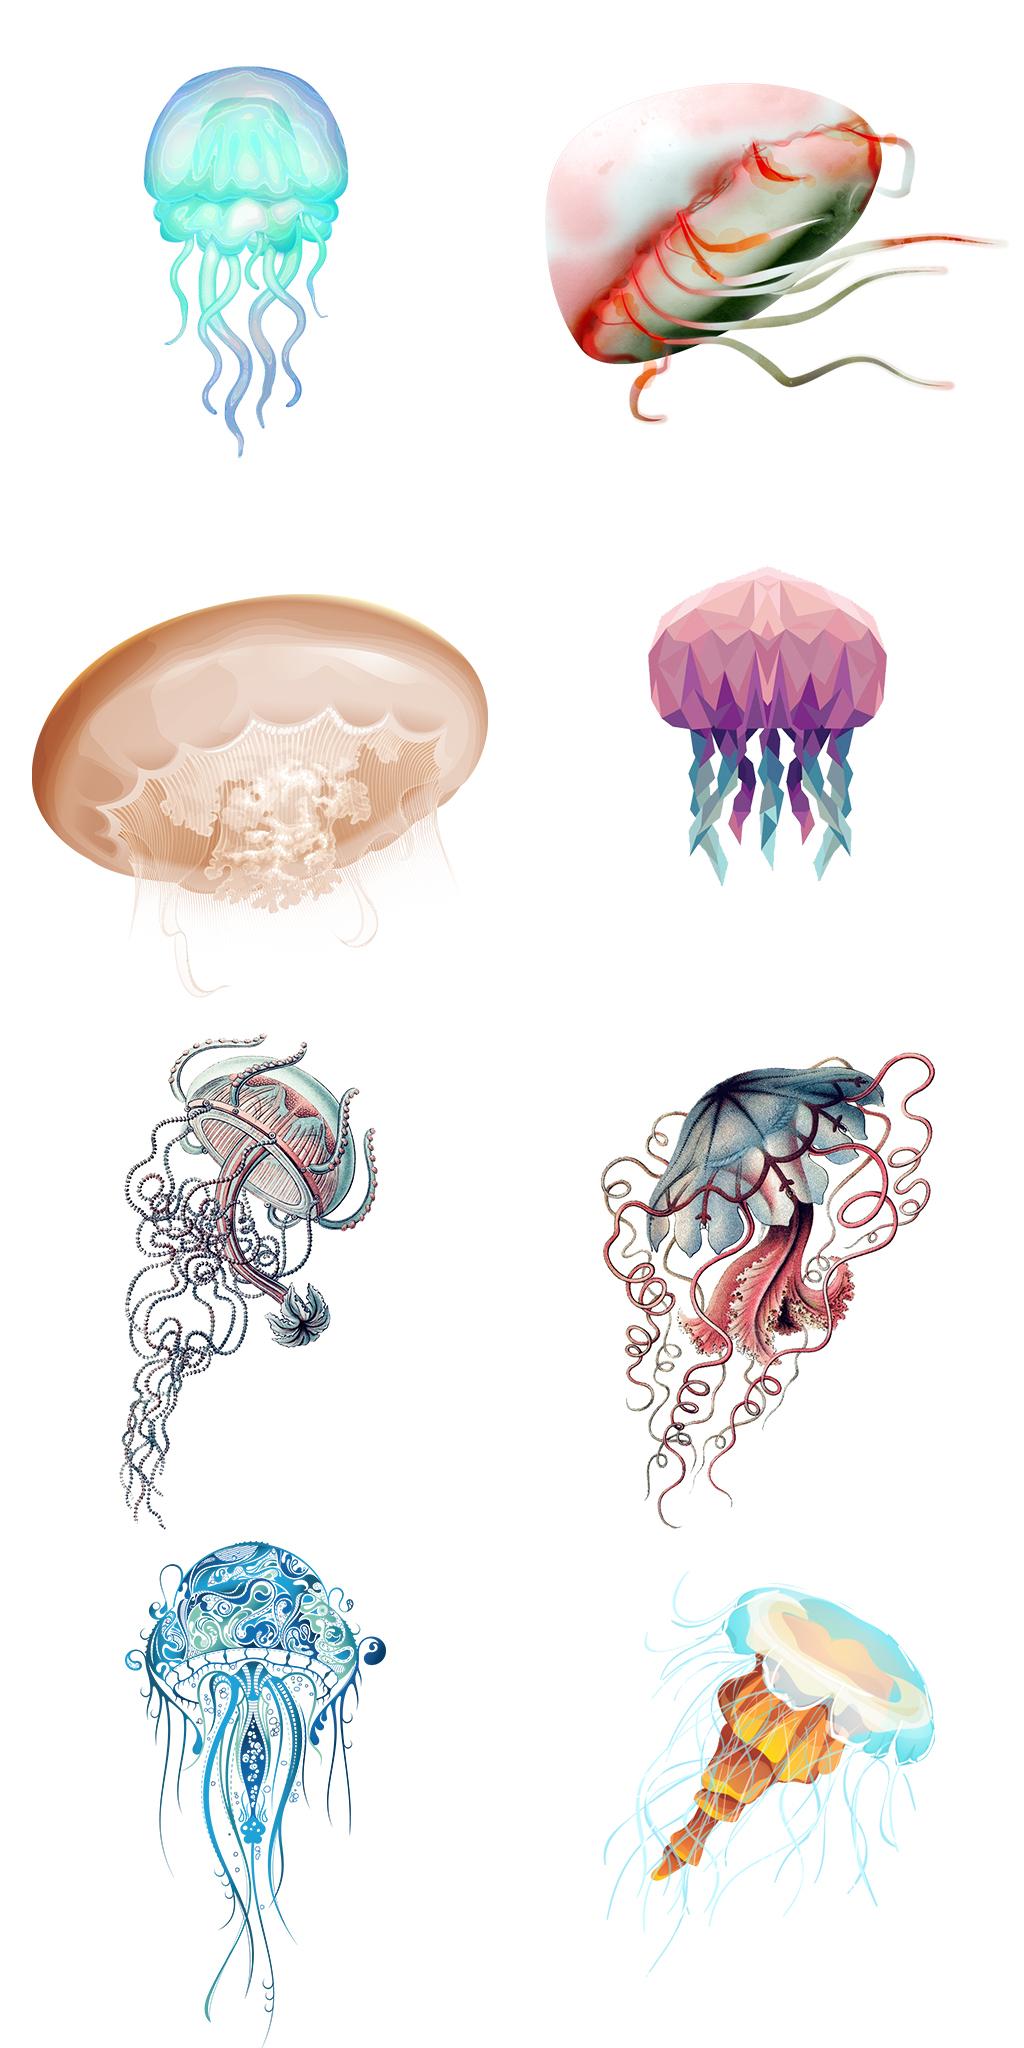 手绘海洋生物水母插画图案png图片设计素材_高清psd()